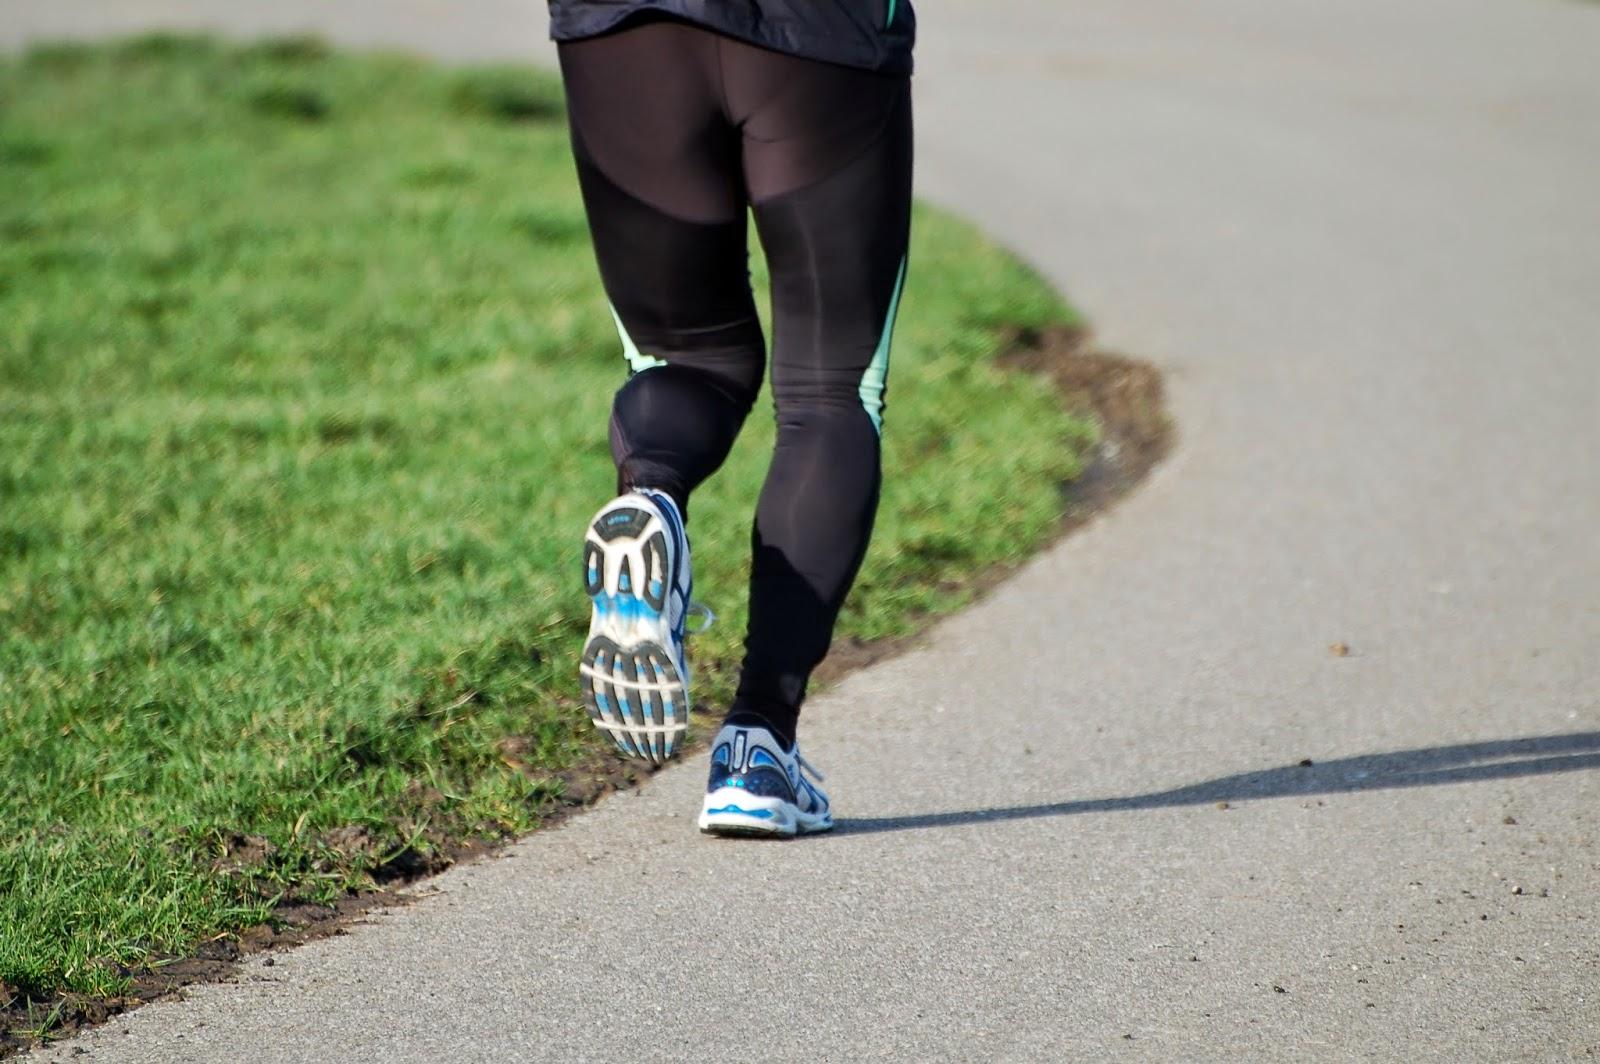 Programme de jogging pour maigrir.vite et sans effet indisirable